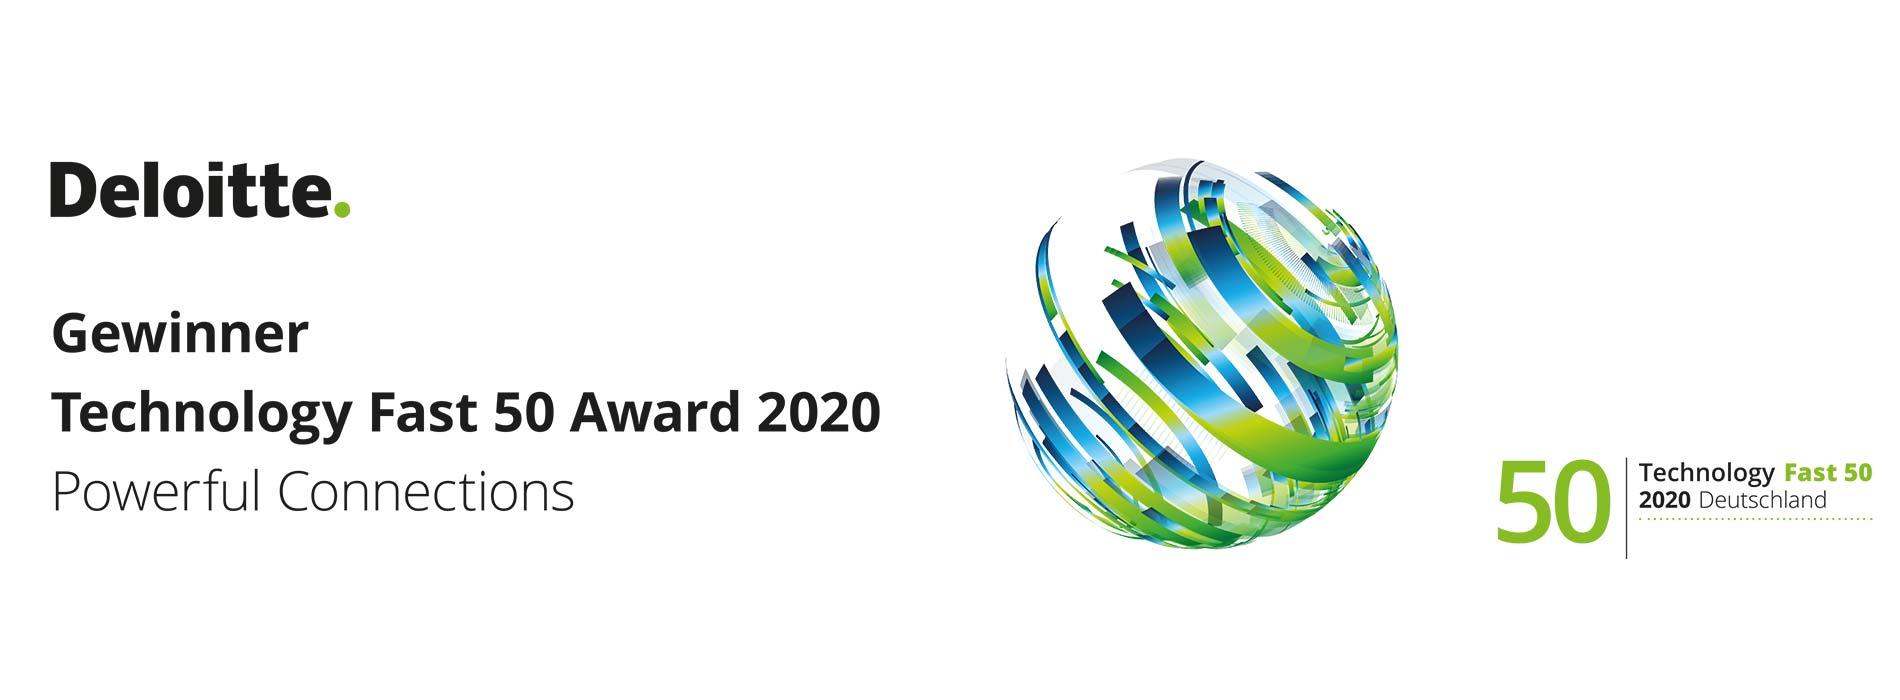 Identpro mit Deloitte Technology Fast 50 Award 2020 ausgezeichnet